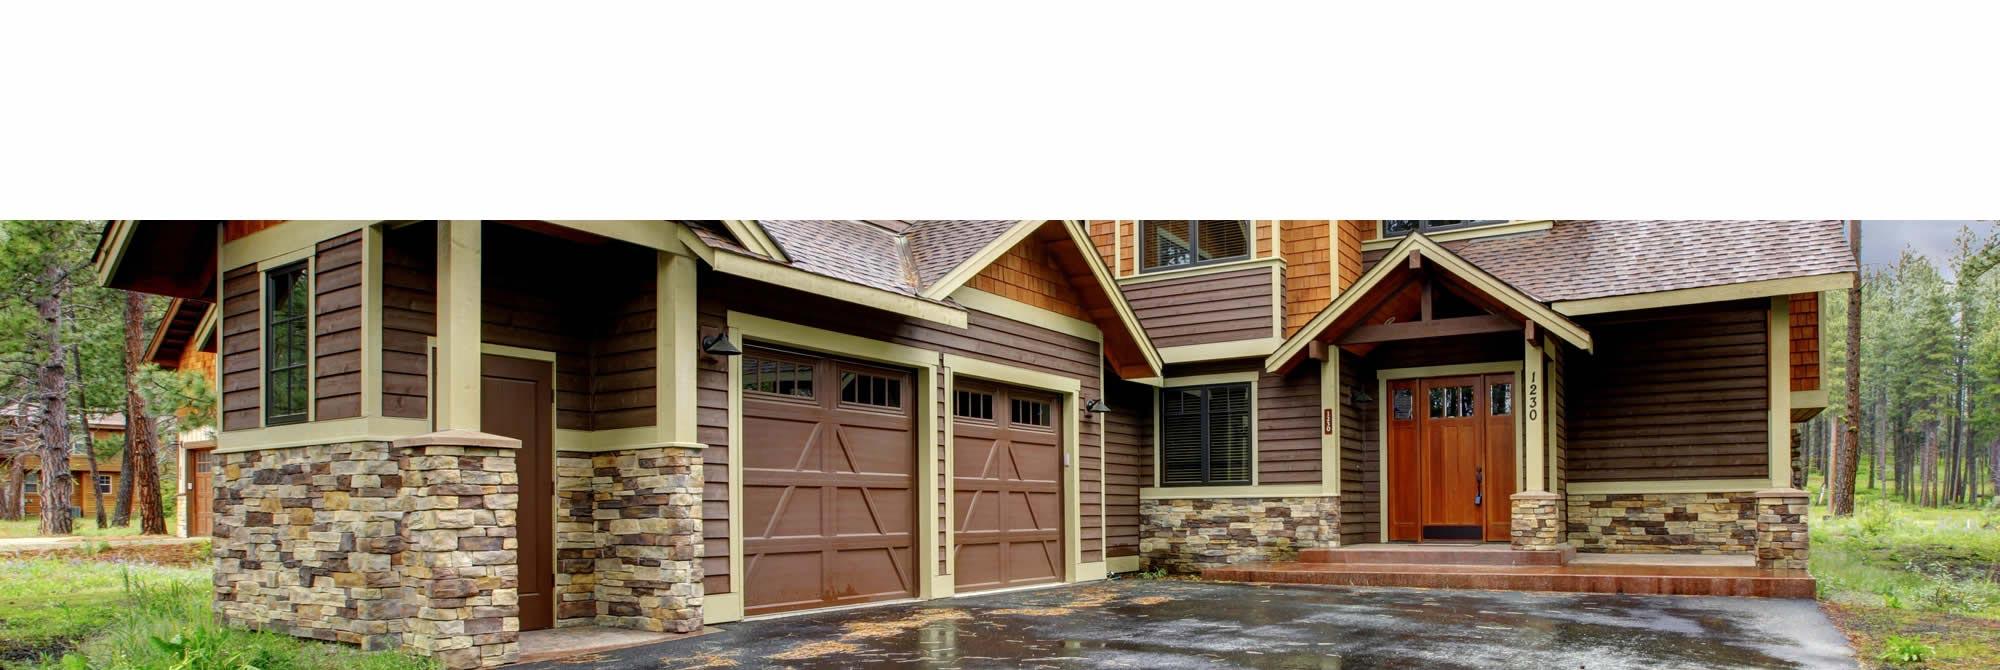 Garage Door Installation And Repair In Everett Wa The